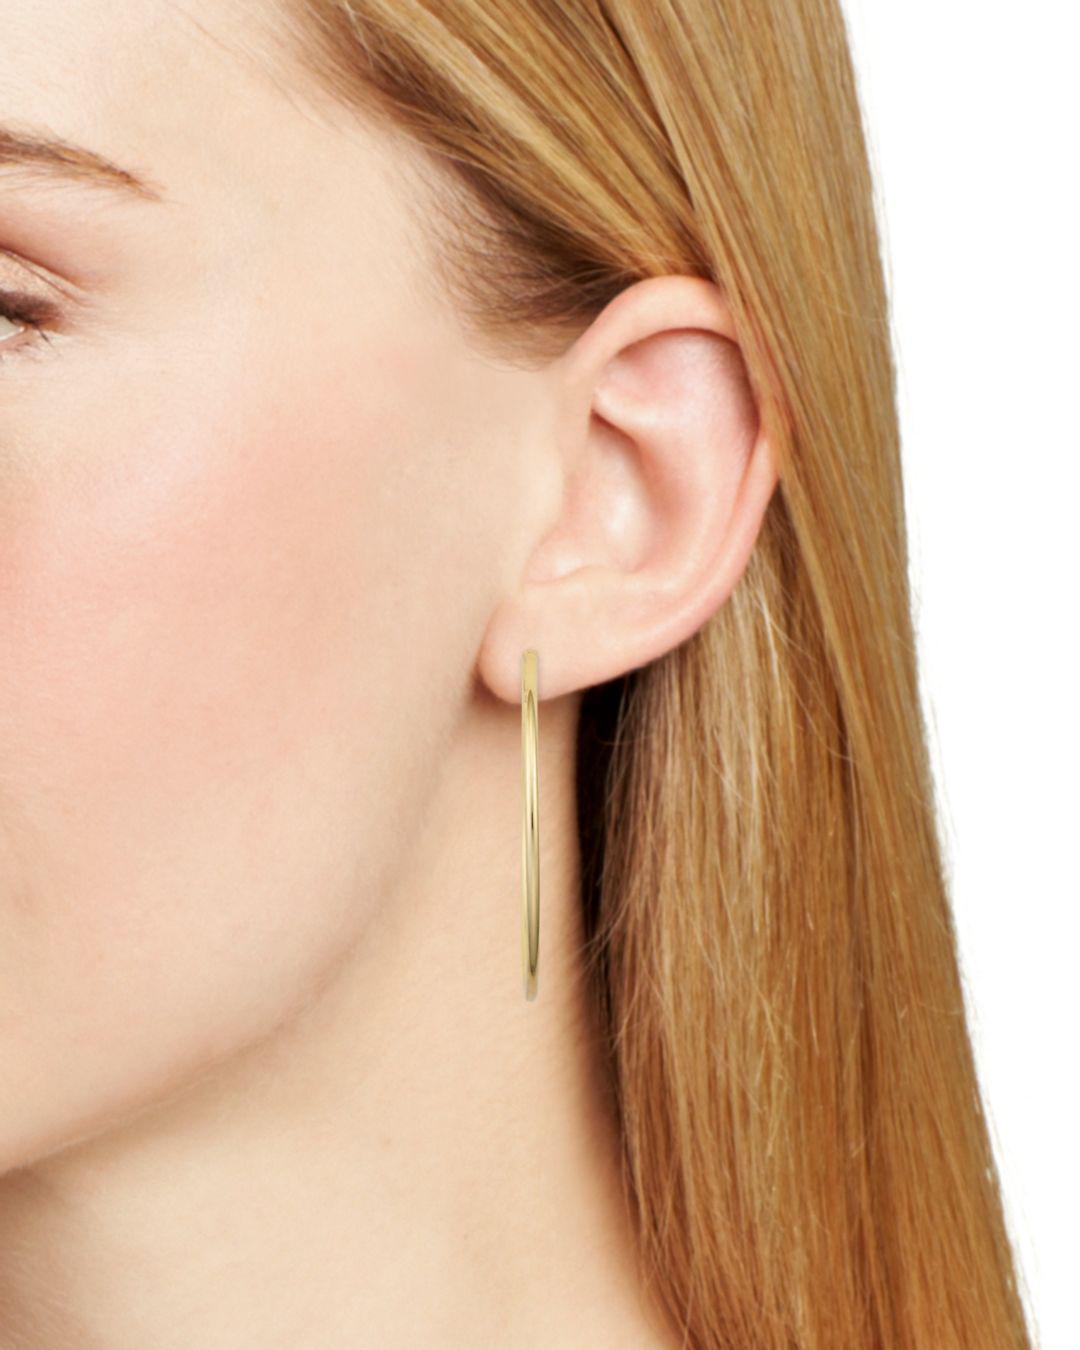 Lyst Aqua Medium Hoop Earrings In 18k Gold Plated Sterling Silver Or Metallic